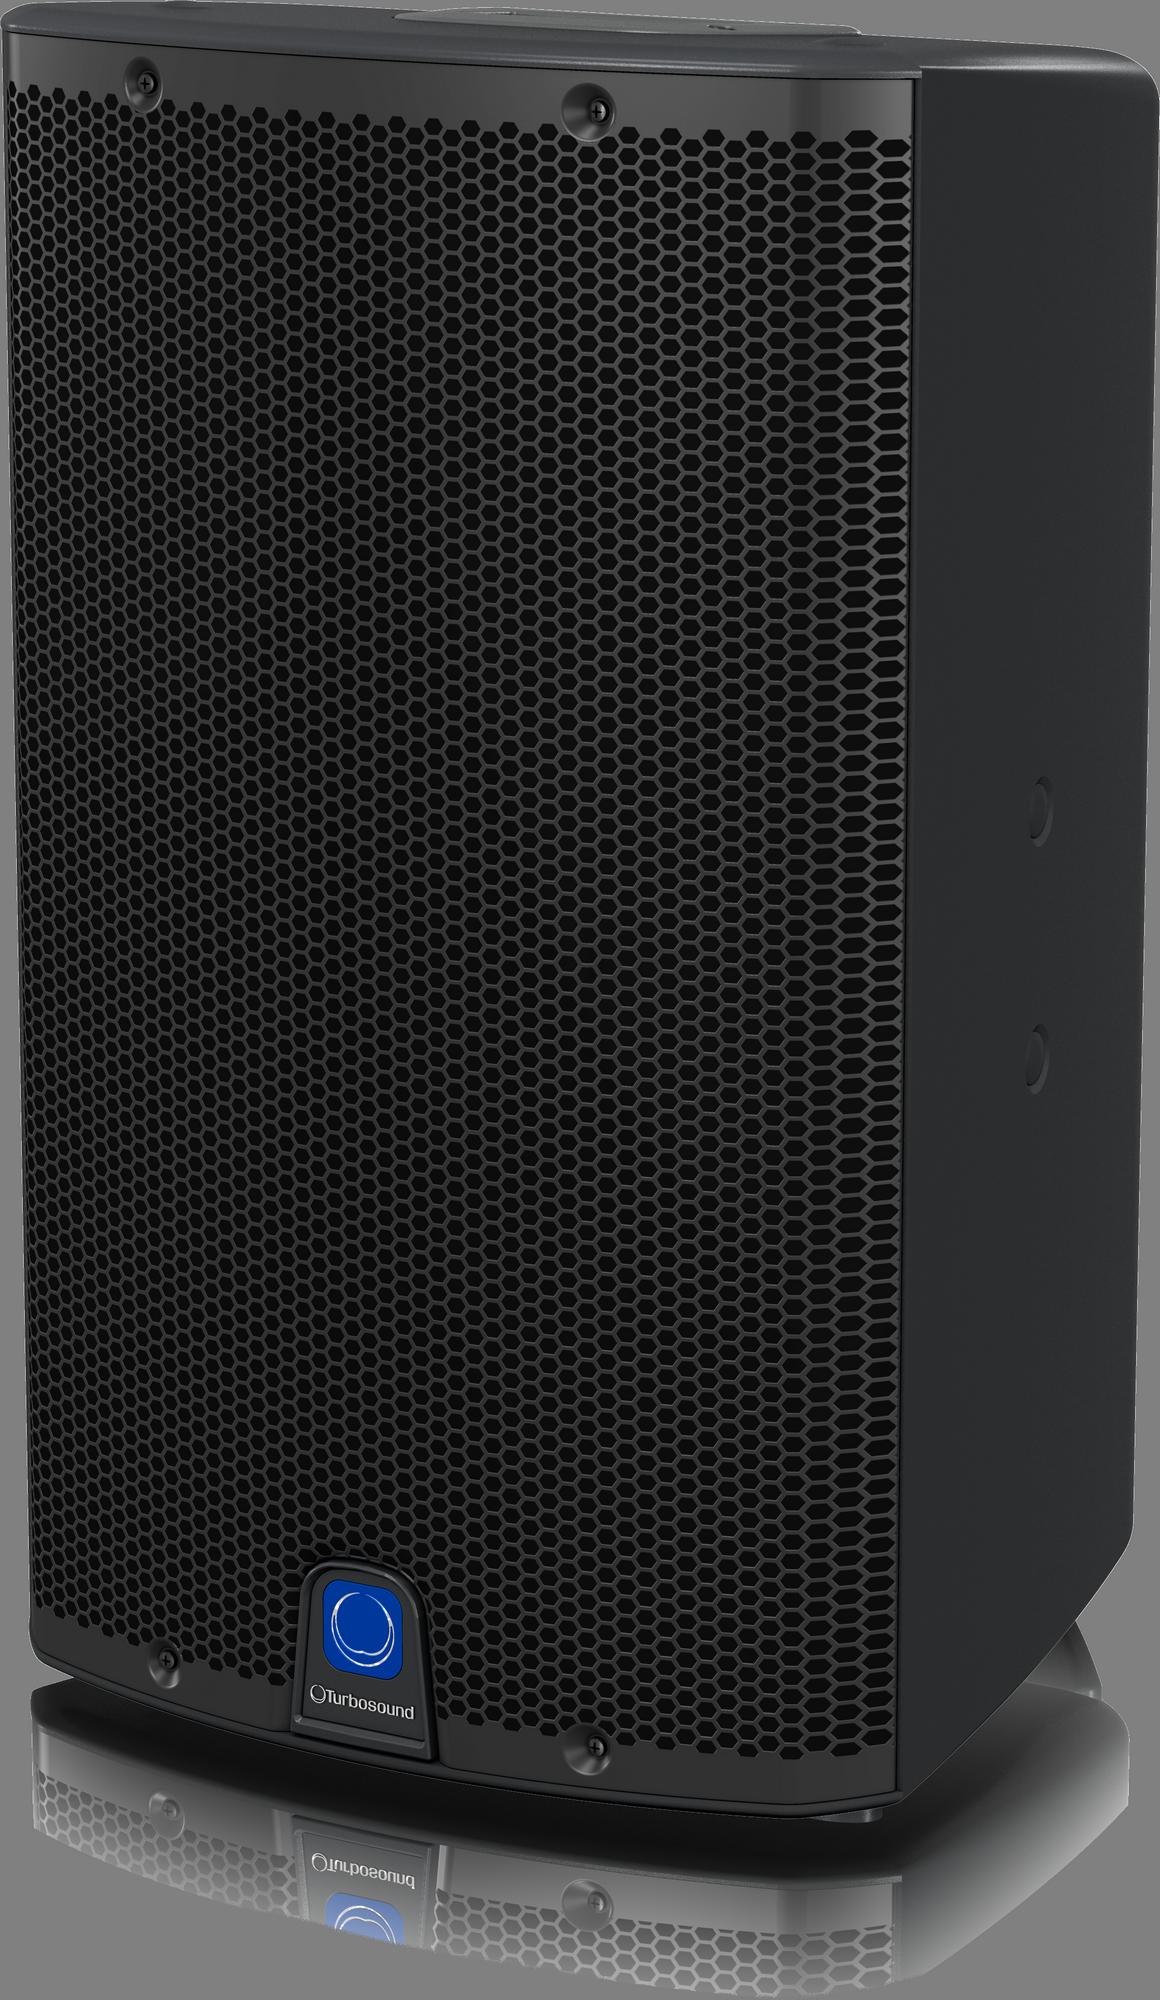 Turbosound  iQ12 - Haut Parleur auto-alimenté